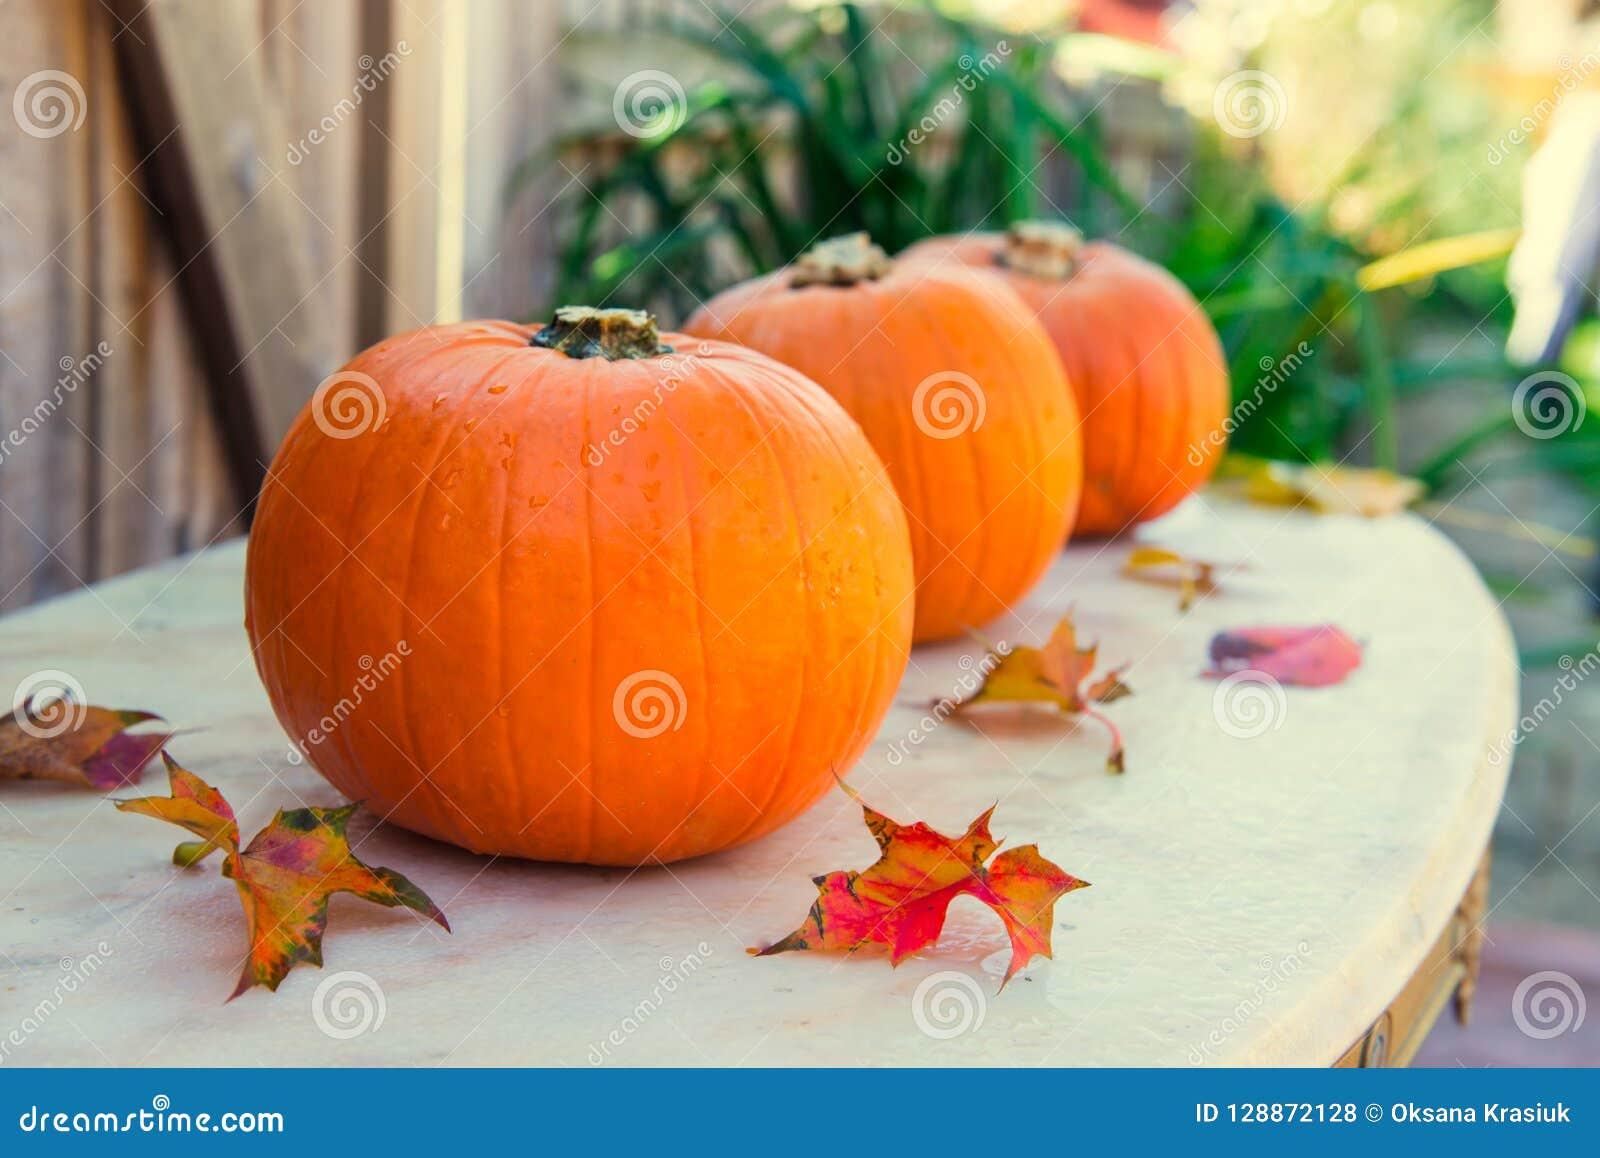 Tre pumpor med nedgångsidor på stentabellen med gaarden säsongsbetonad bakgrund Höstskörd, tacksägelse, halloween begrepp